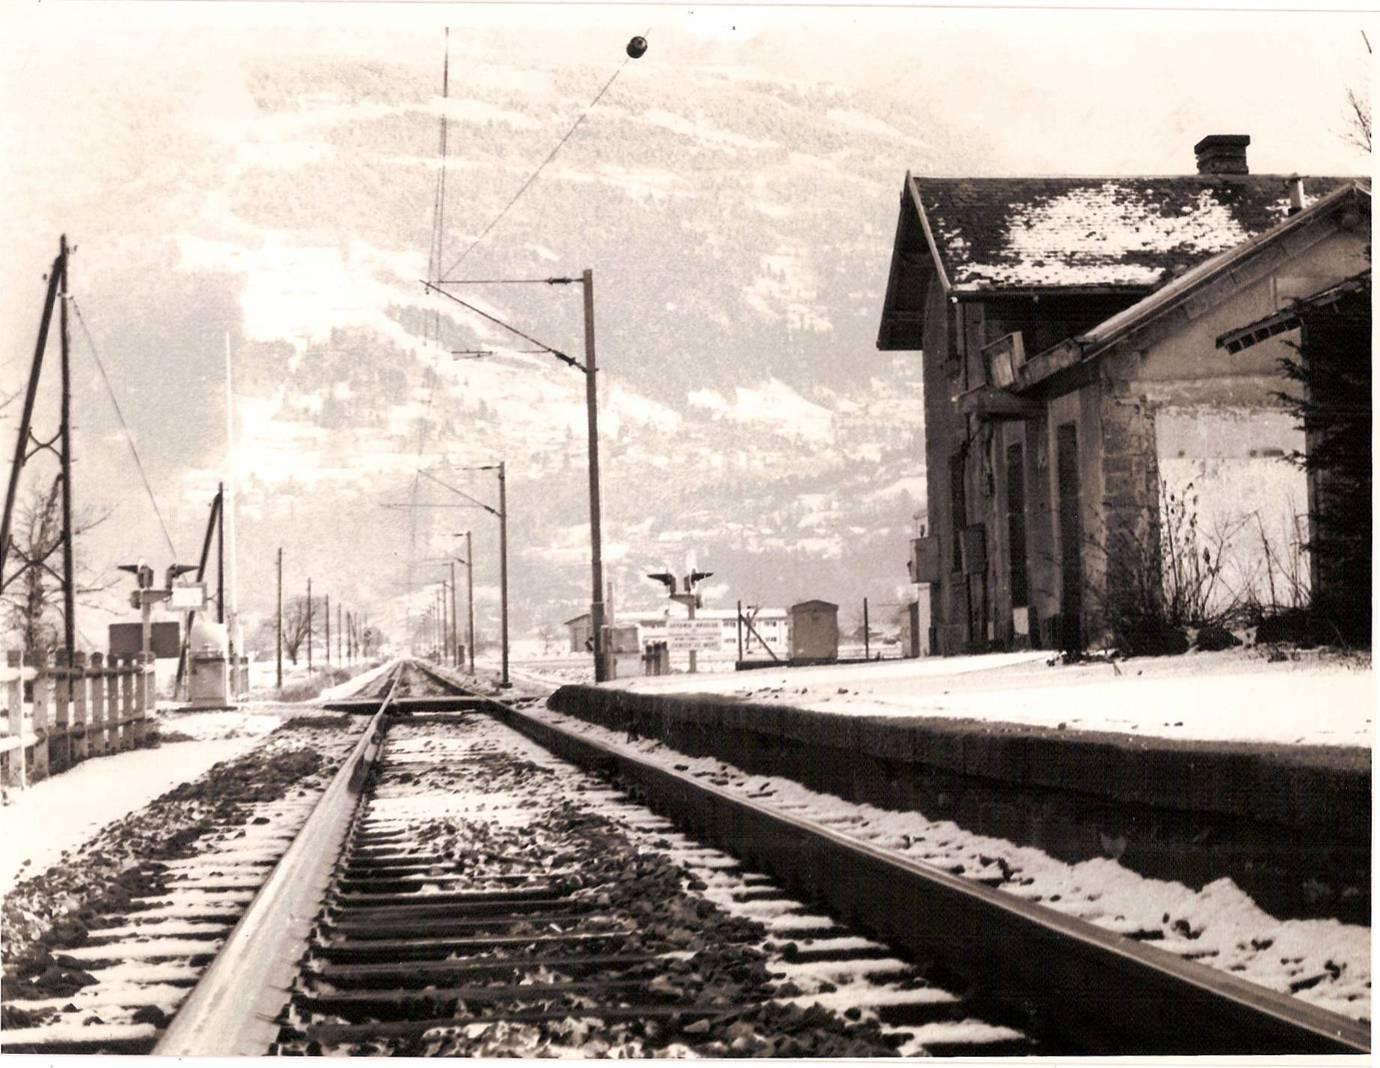 La voie ferrée est électrifiée devant la gare, désaffectée, de « Passy-Domancy » ; au fond, Le Fayet (cliché Jean-Marie Beligand, coll. Michel Sirop)